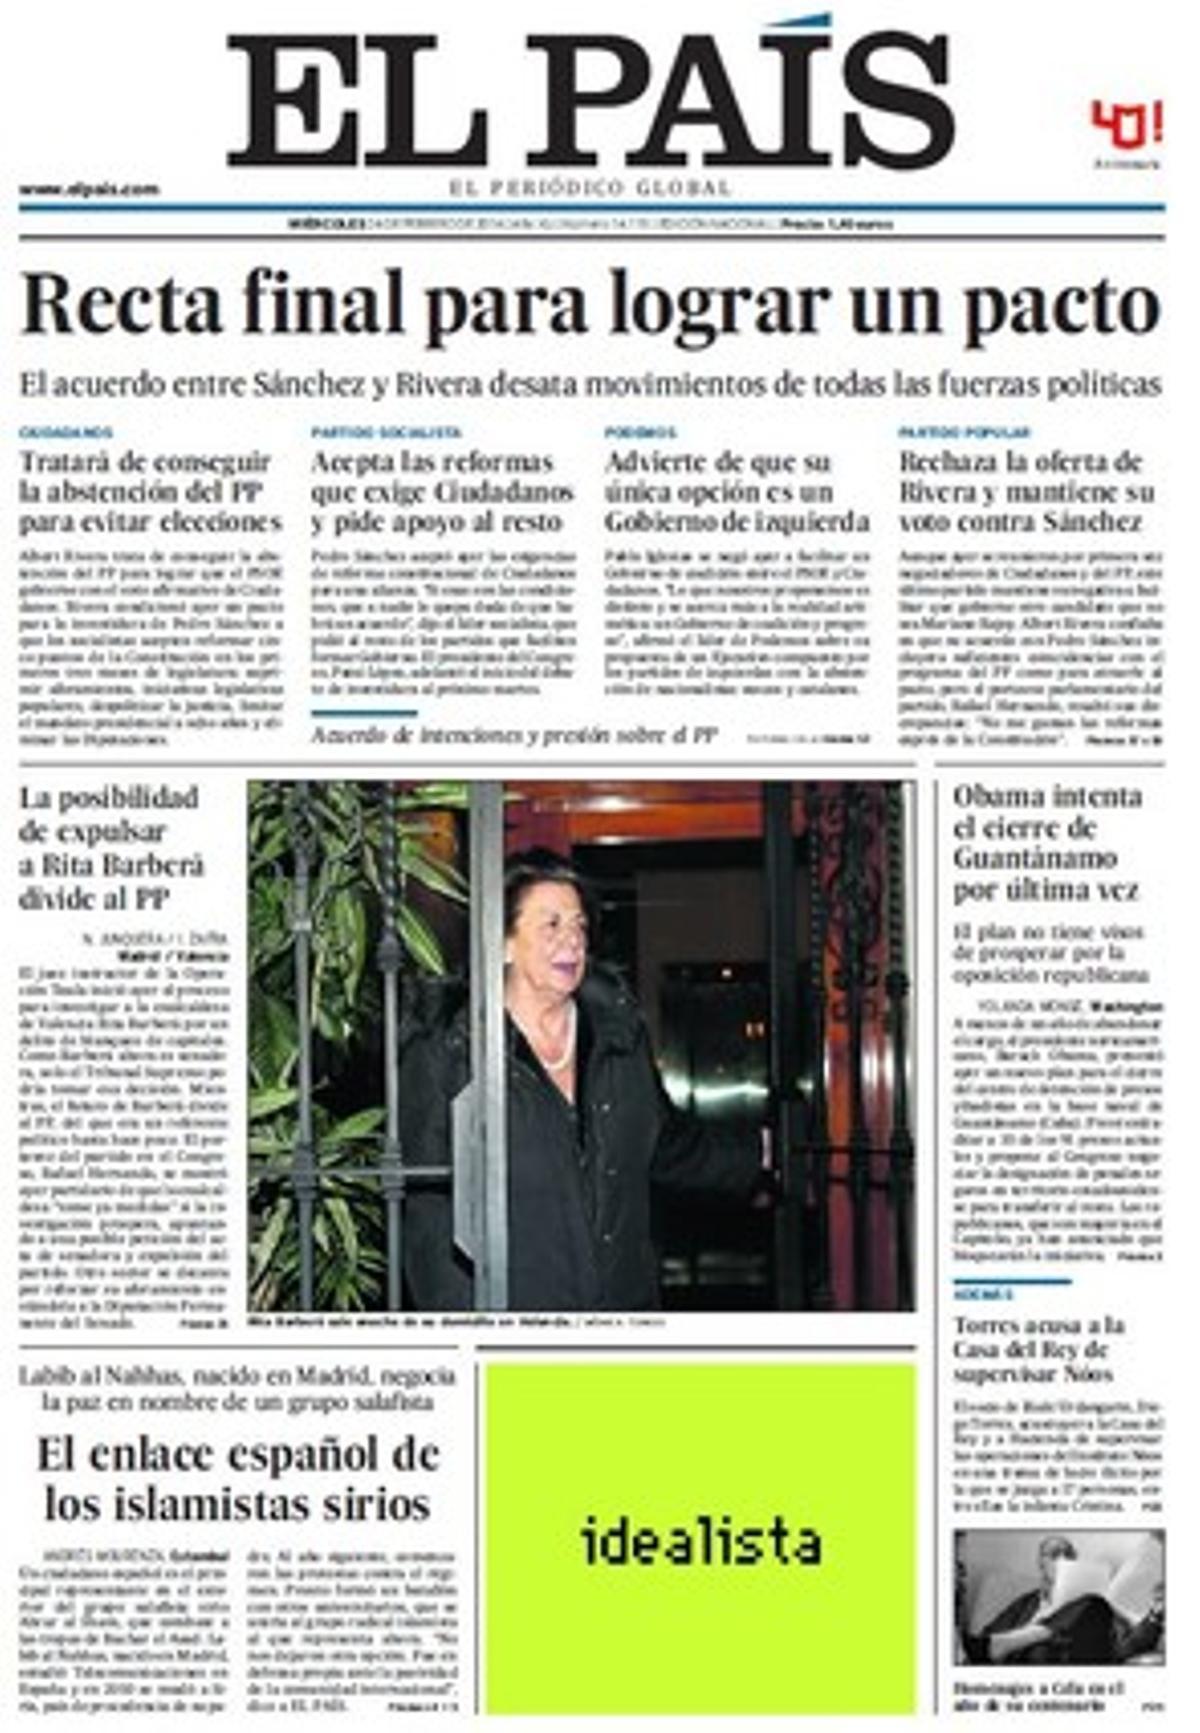 Sánchez-Rivera: un pacto de intenciones, un acuerdo de supervivencia, una apuesta...